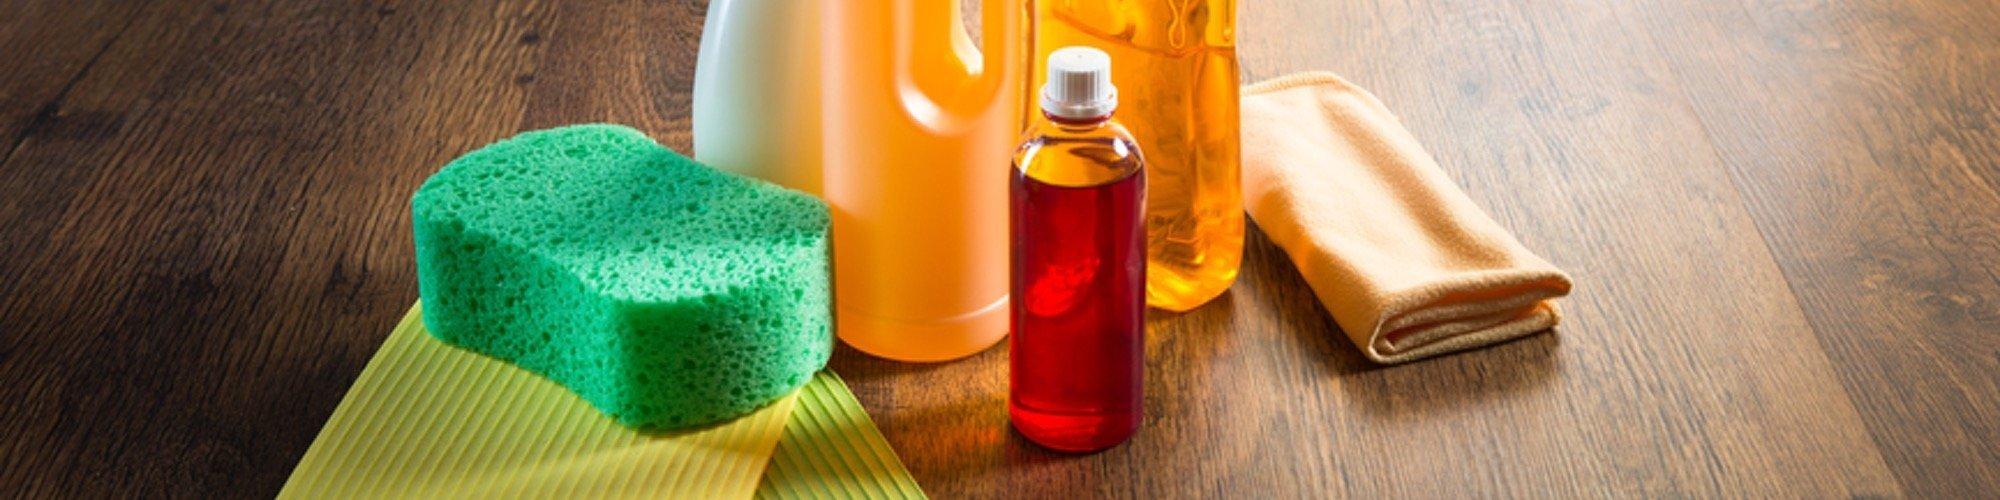 Manutenzione e pulizia del parquet qual il giusto for Pulizia parquet